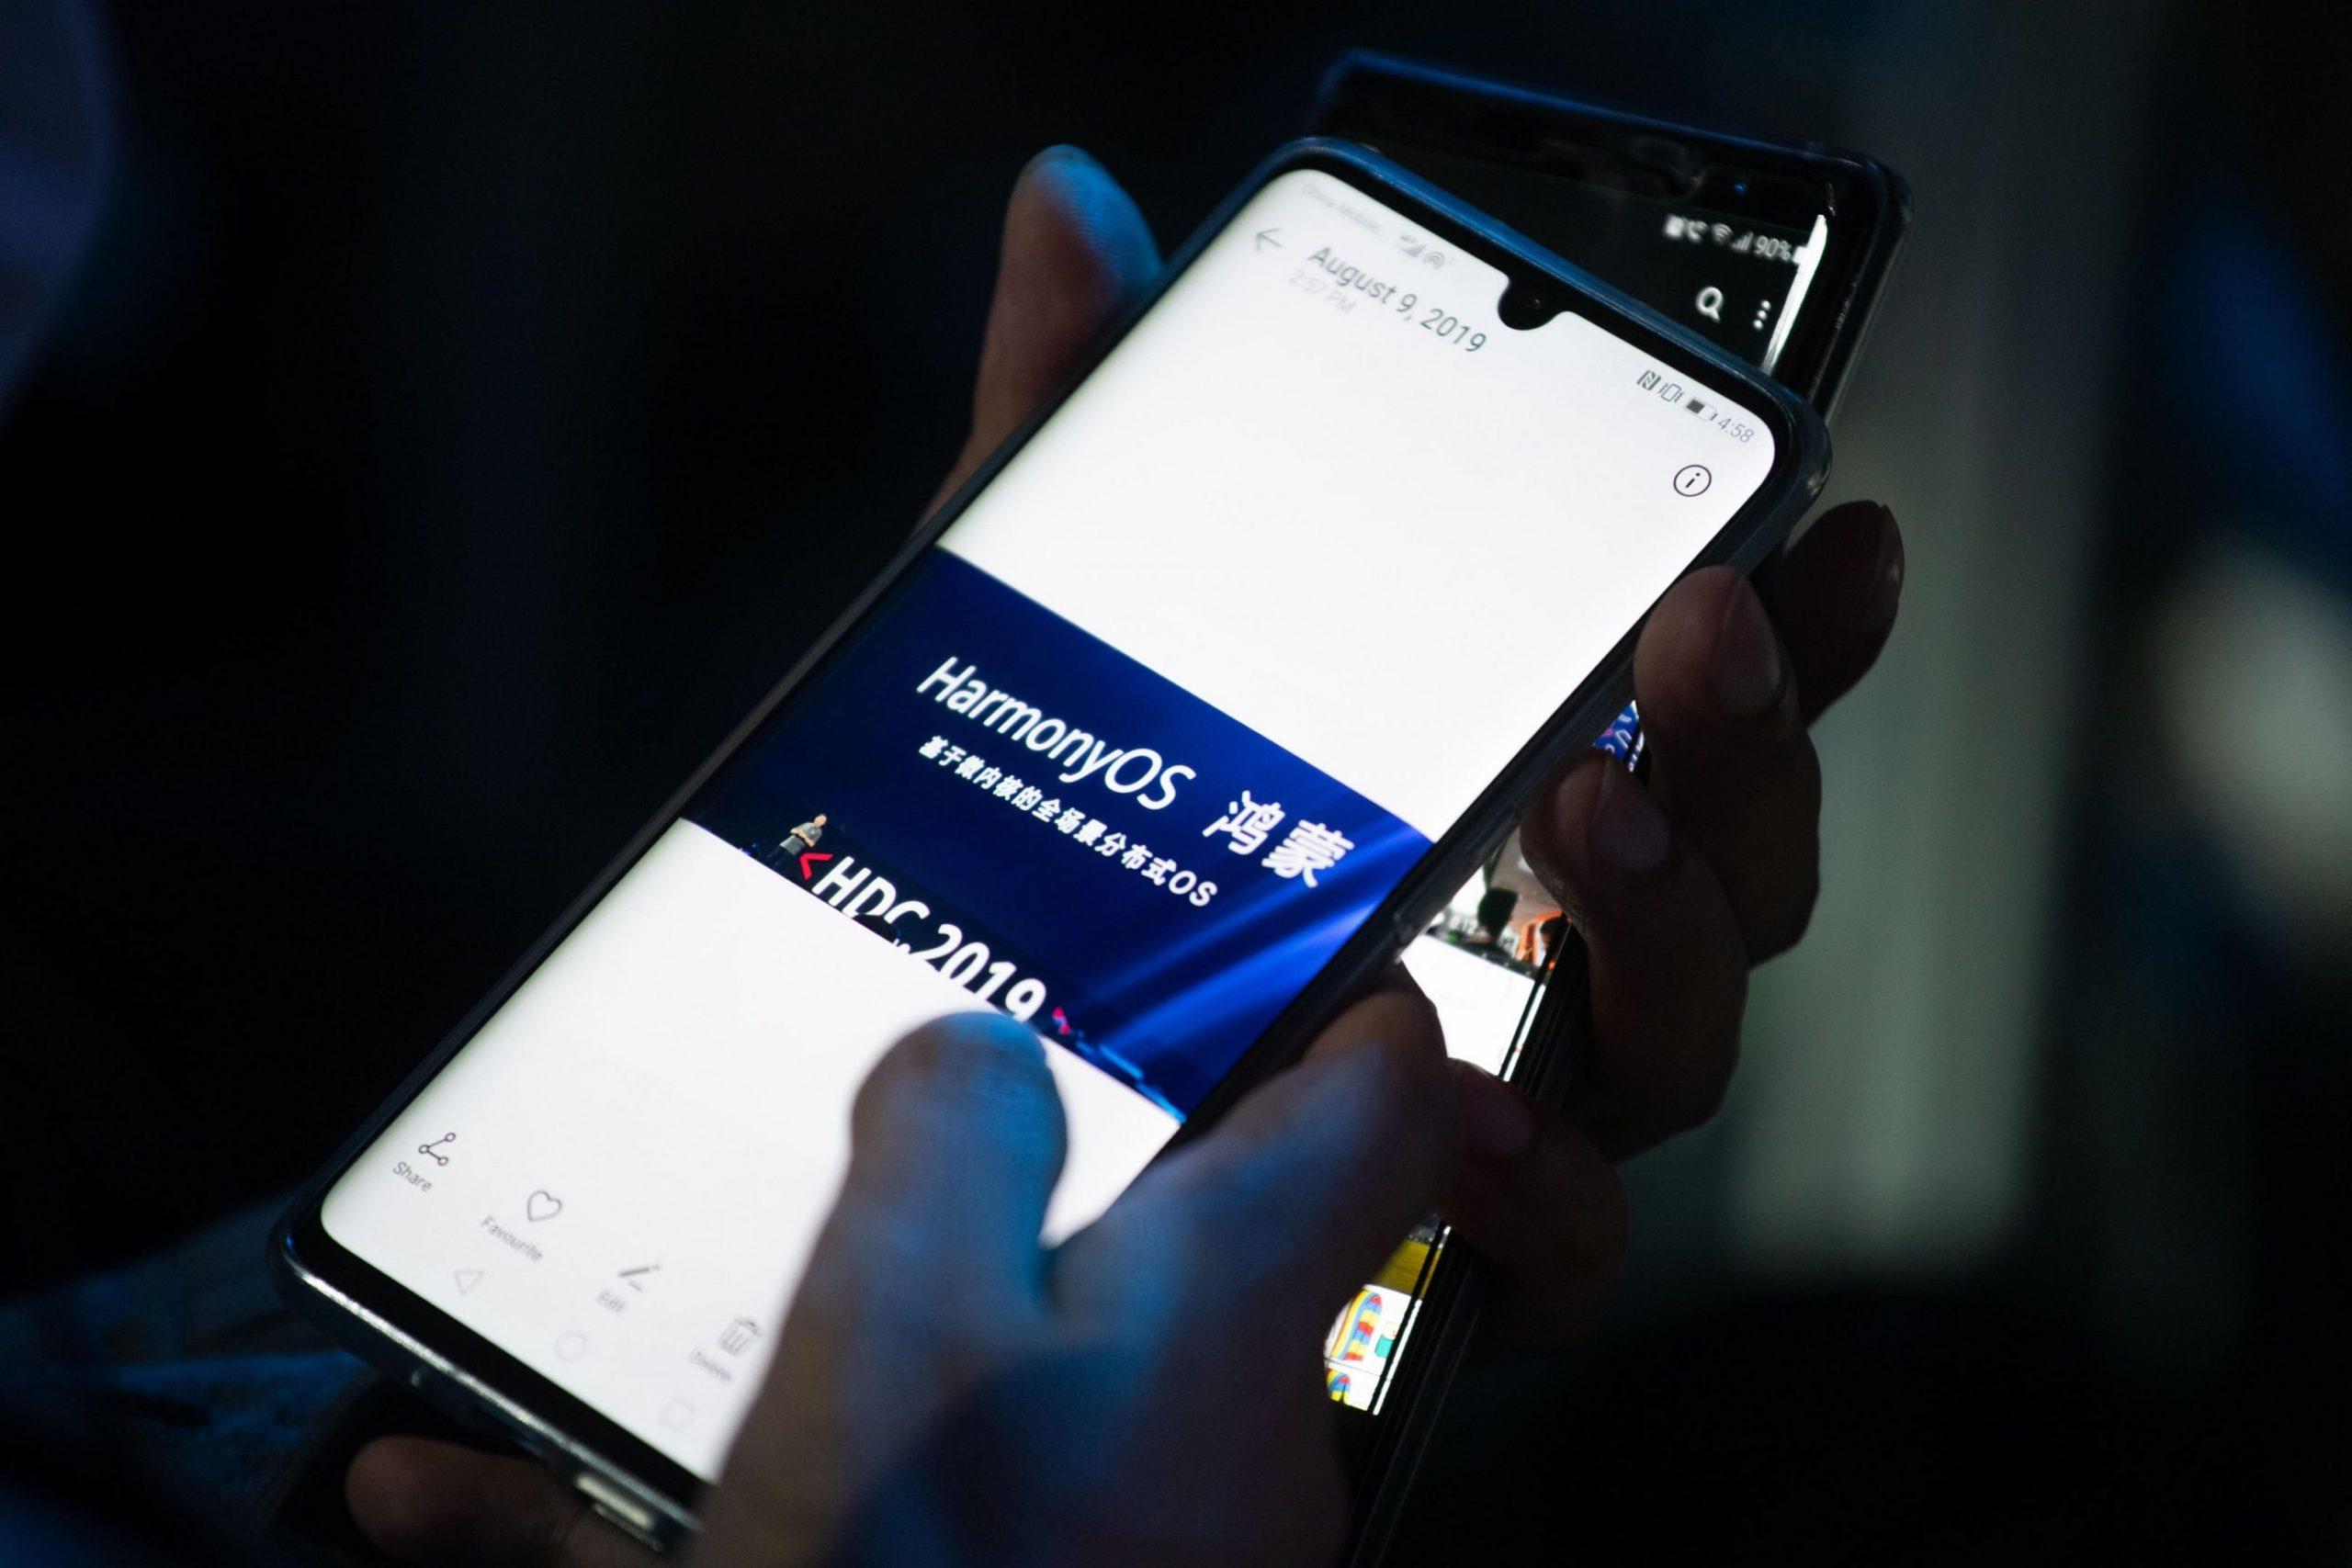 Huawei işletim sistemi harmonyos özellikleri